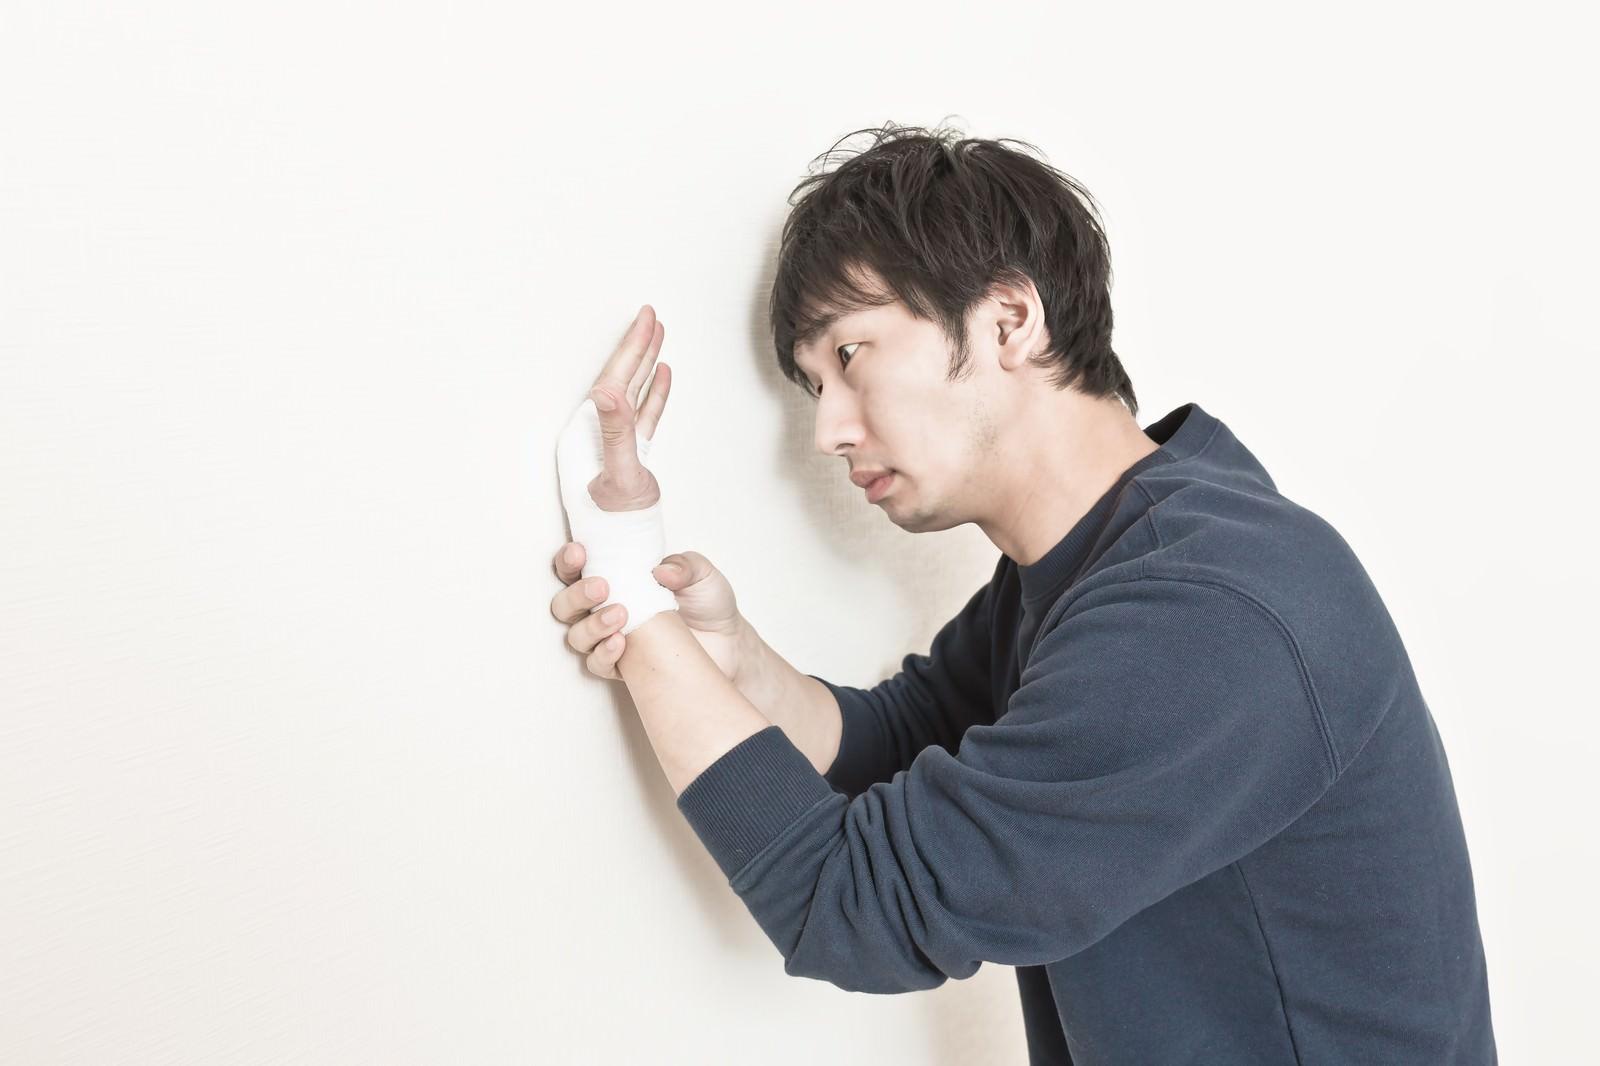 「壁を叩きすぎて手首を痛めてしまったニート」の写真[モデル:大川竜弥]